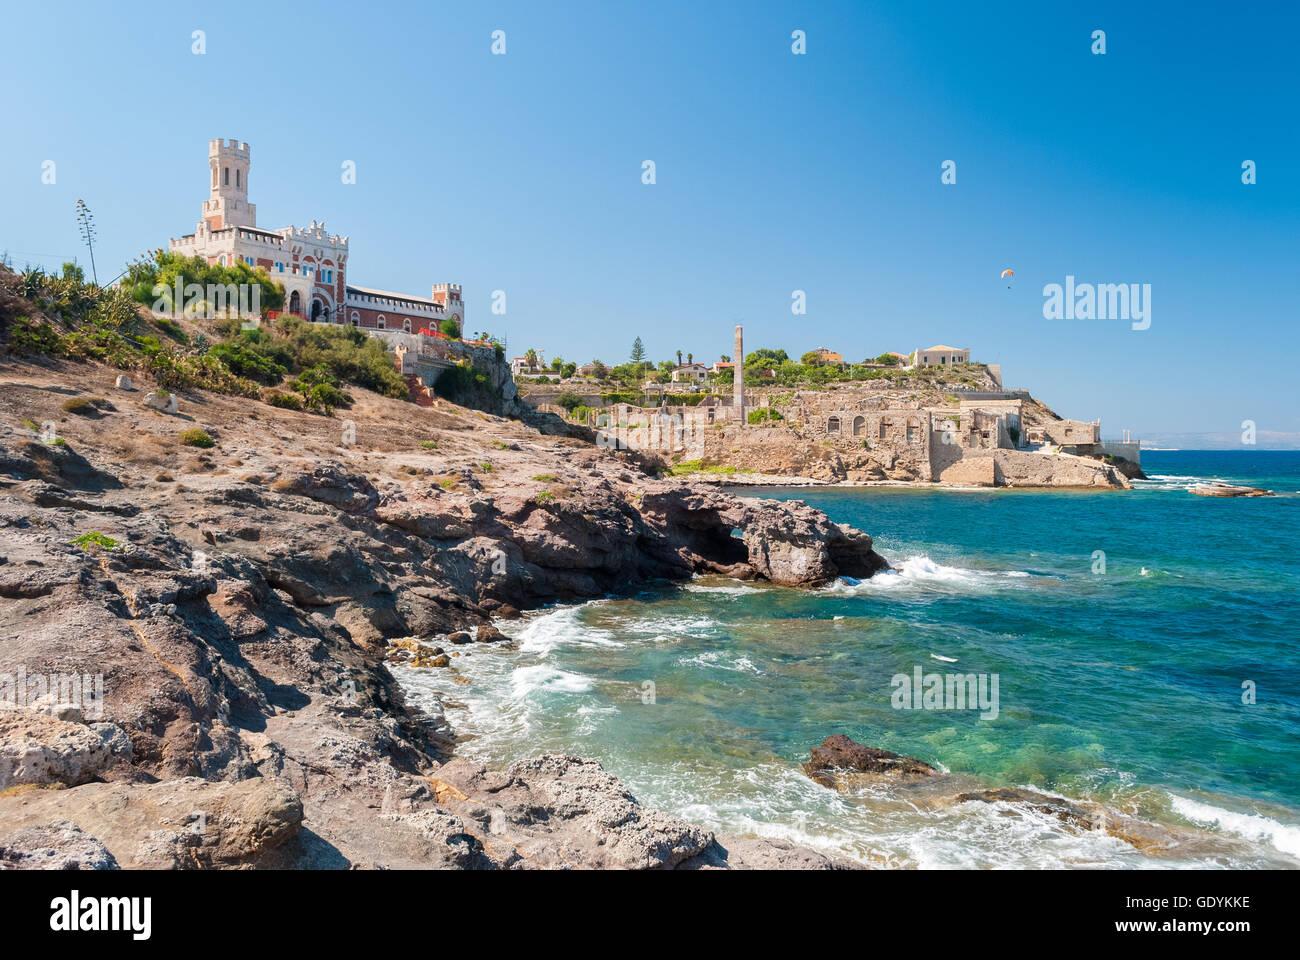 Coastline of Portopalo, in southern Sicily - Stock Image